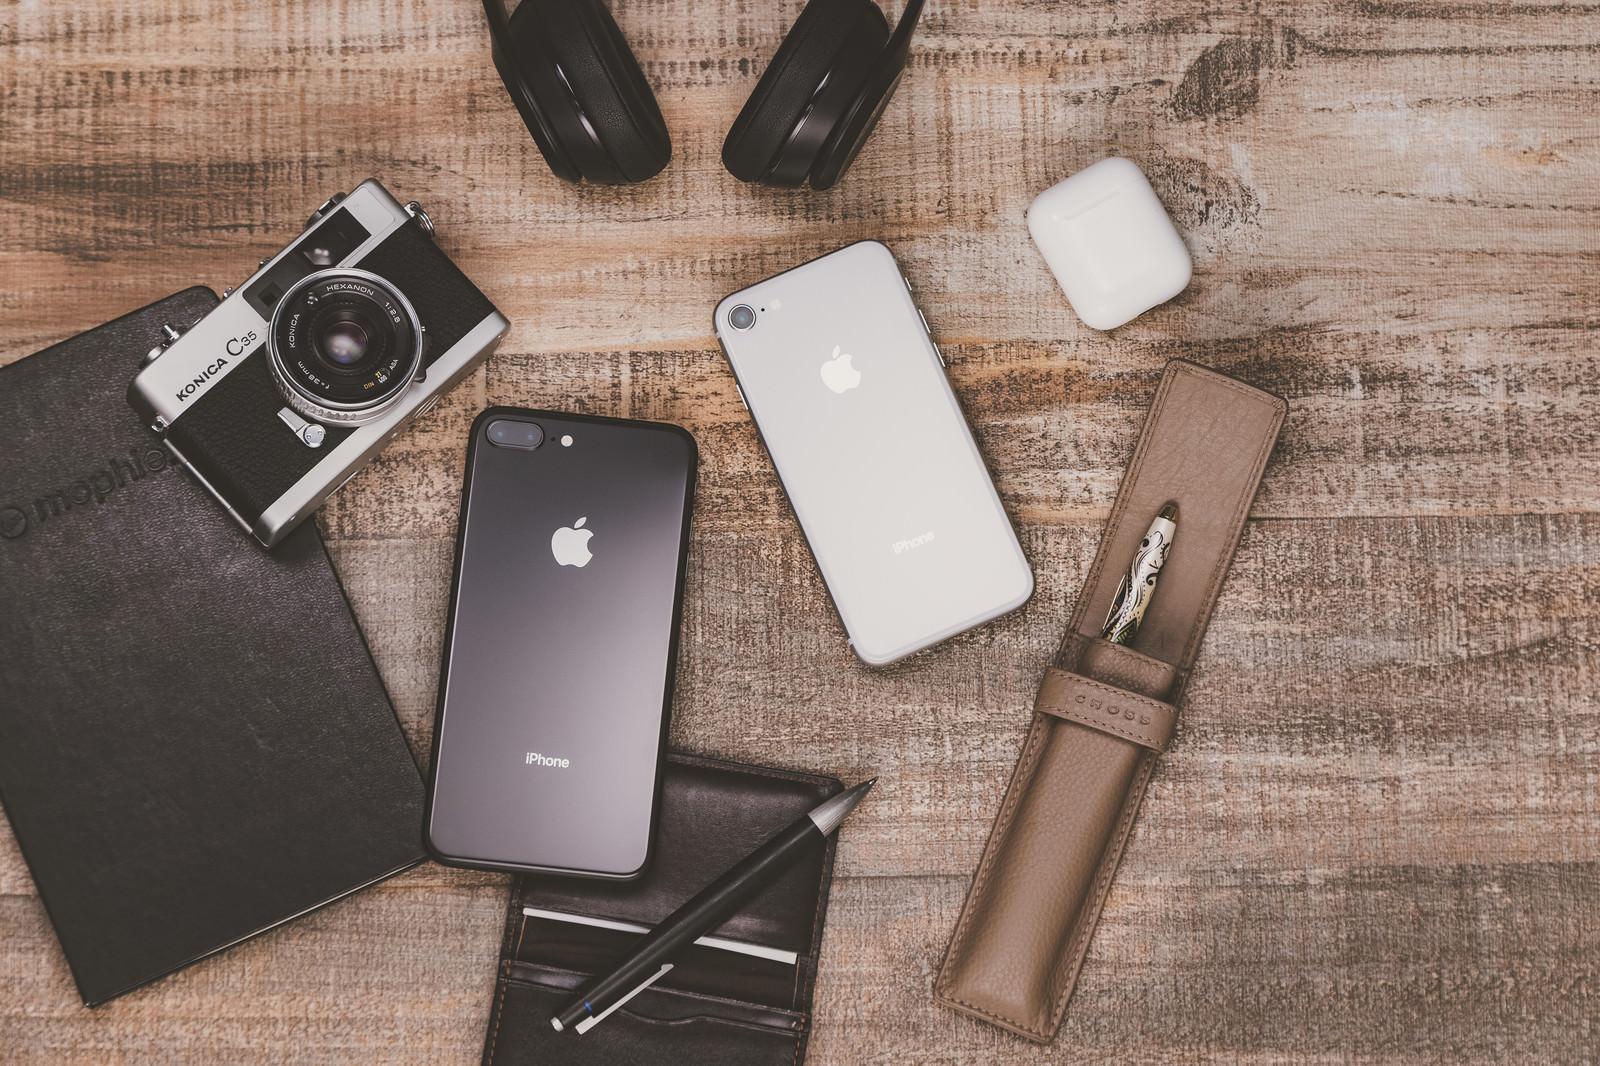 「ブロガーの持ち物(iPhoneやカメラなど)」の写真